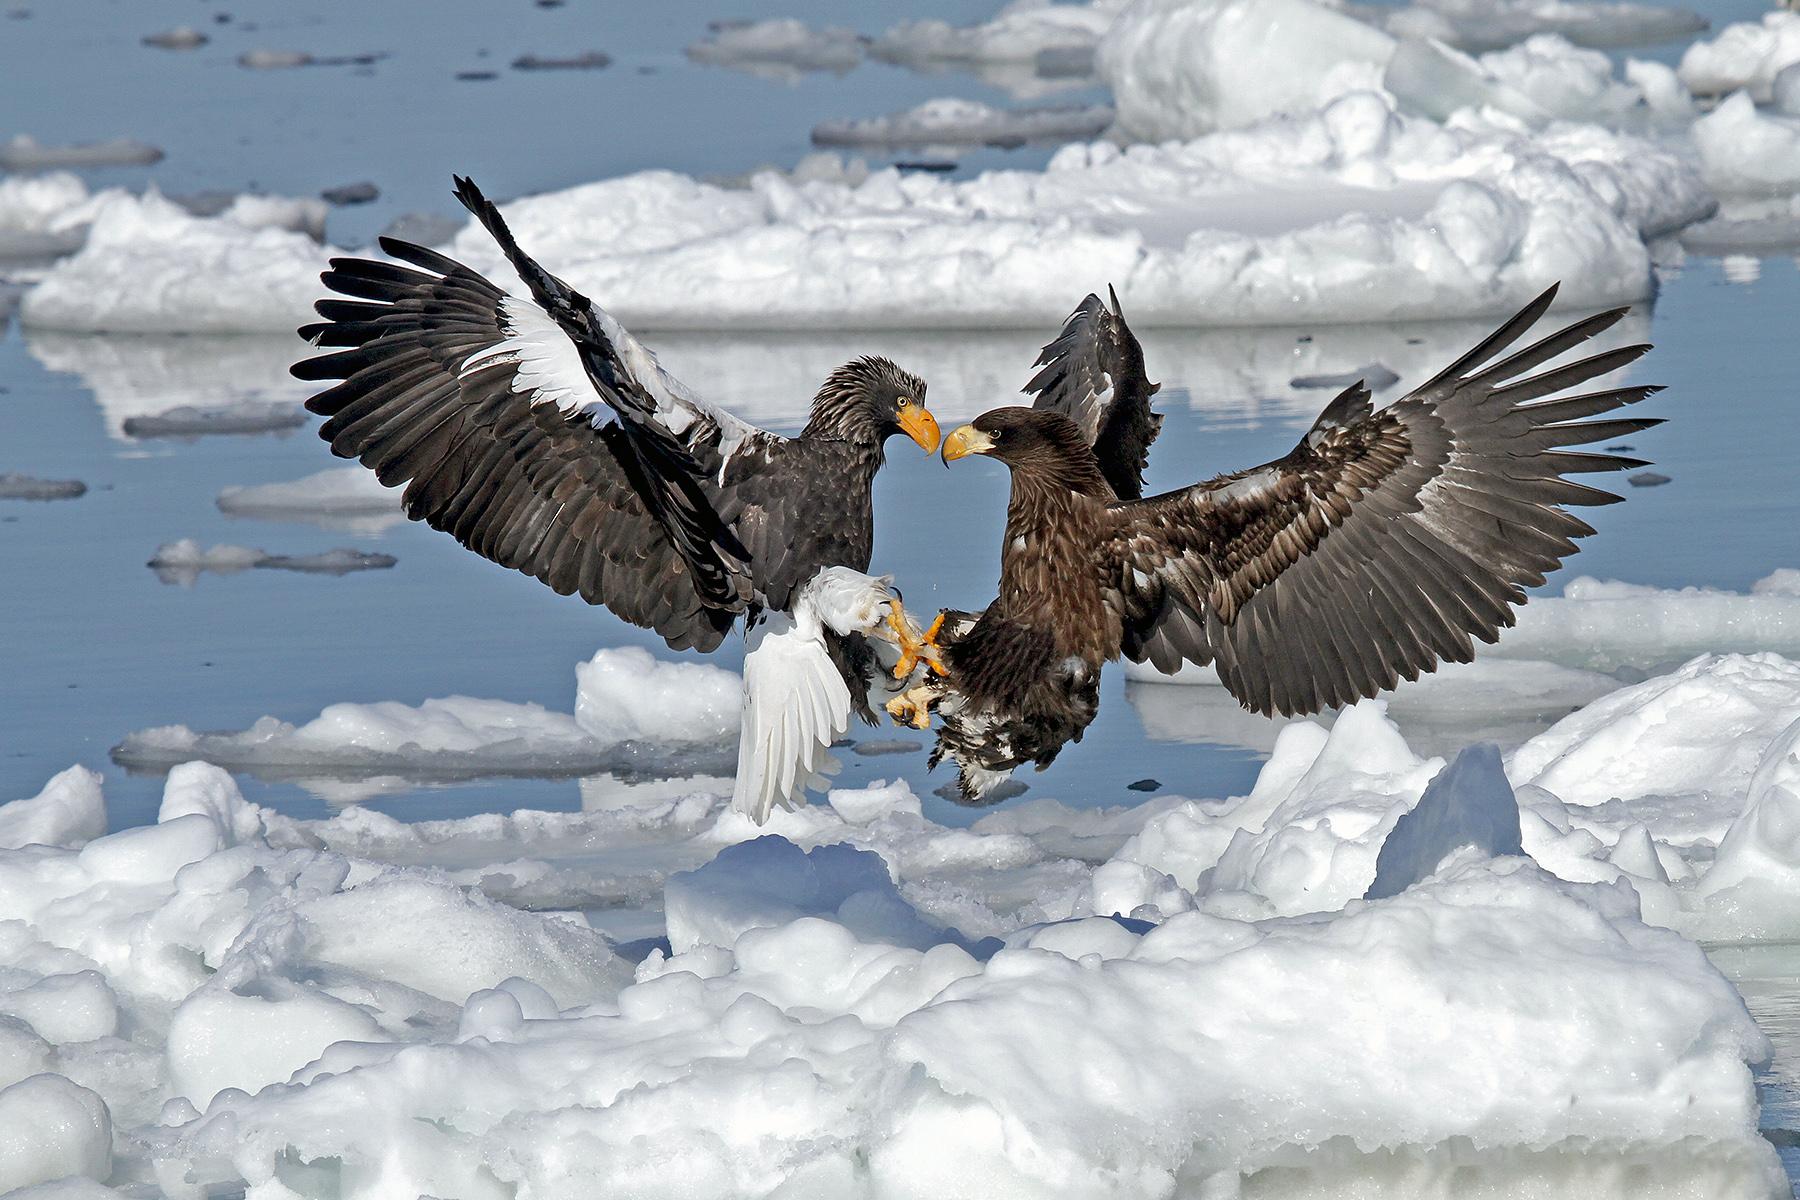 Steller's Sea Eagles in Japan (image by Pete Morris)